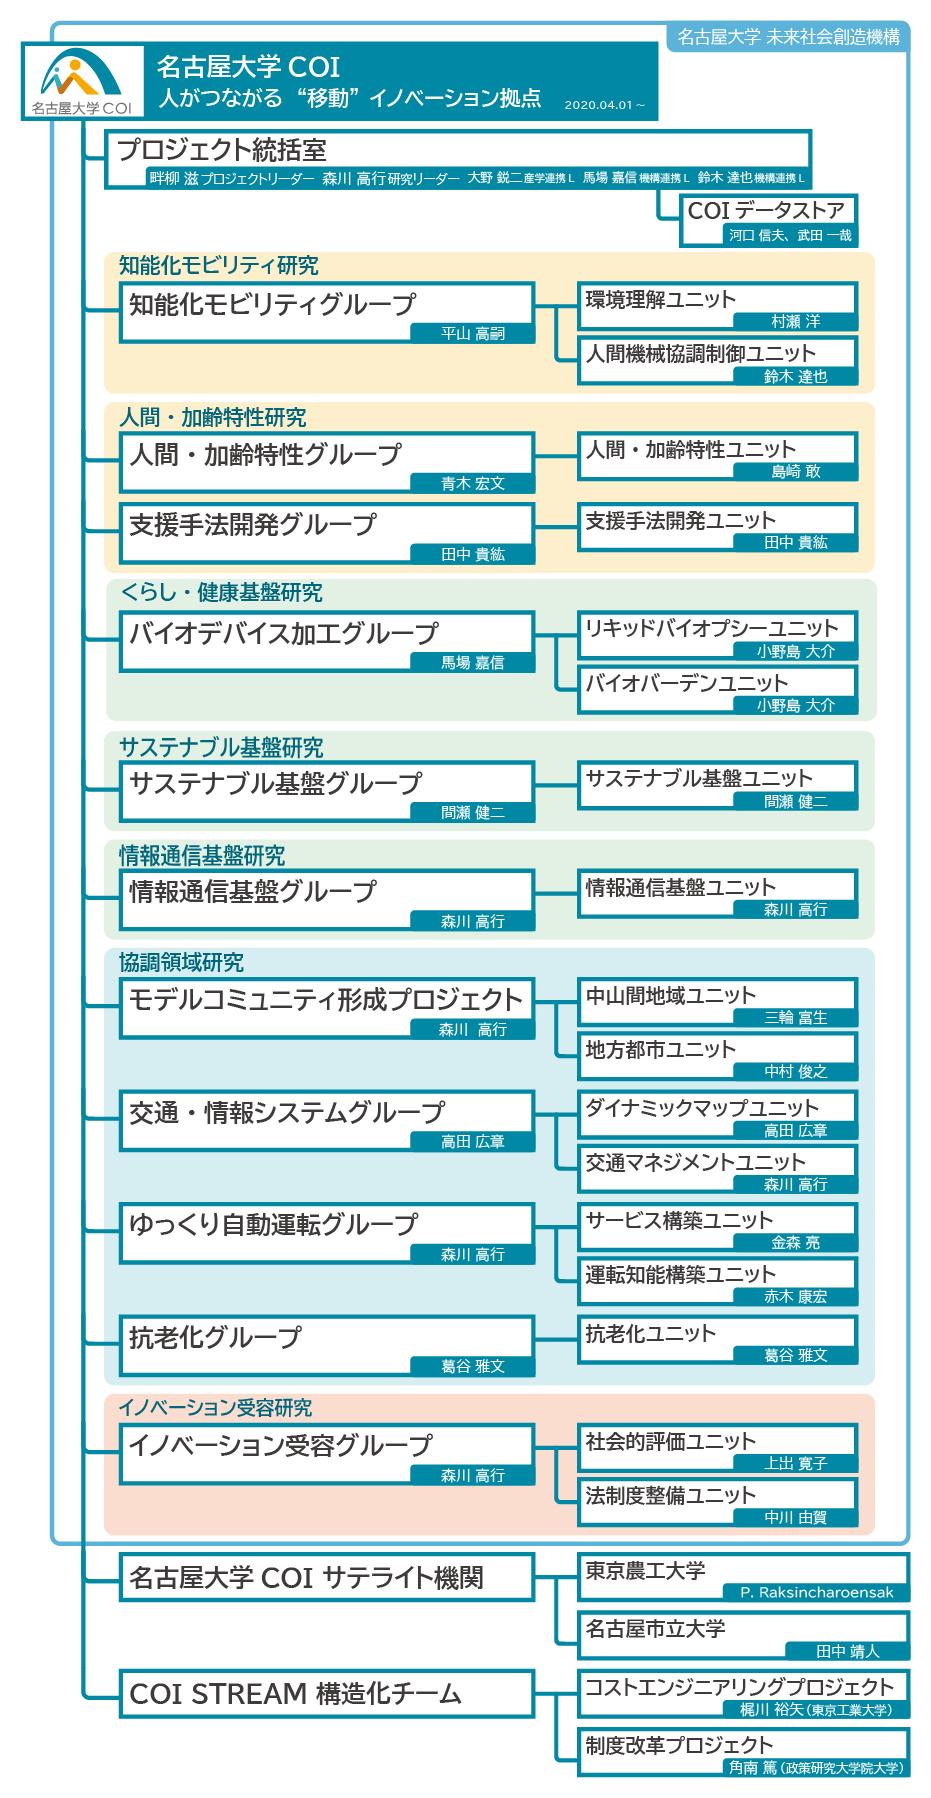 名古屋大学COI研究体制(知能化モビリティ、人間・加齢特性、支援手法開発、バイオデバイス加工、サステナブル基盤、情報通信基盤、モデルコミュニティ形成、交通・情報システム、ゆっくり自動運転、抗老化、イノベーション受容)